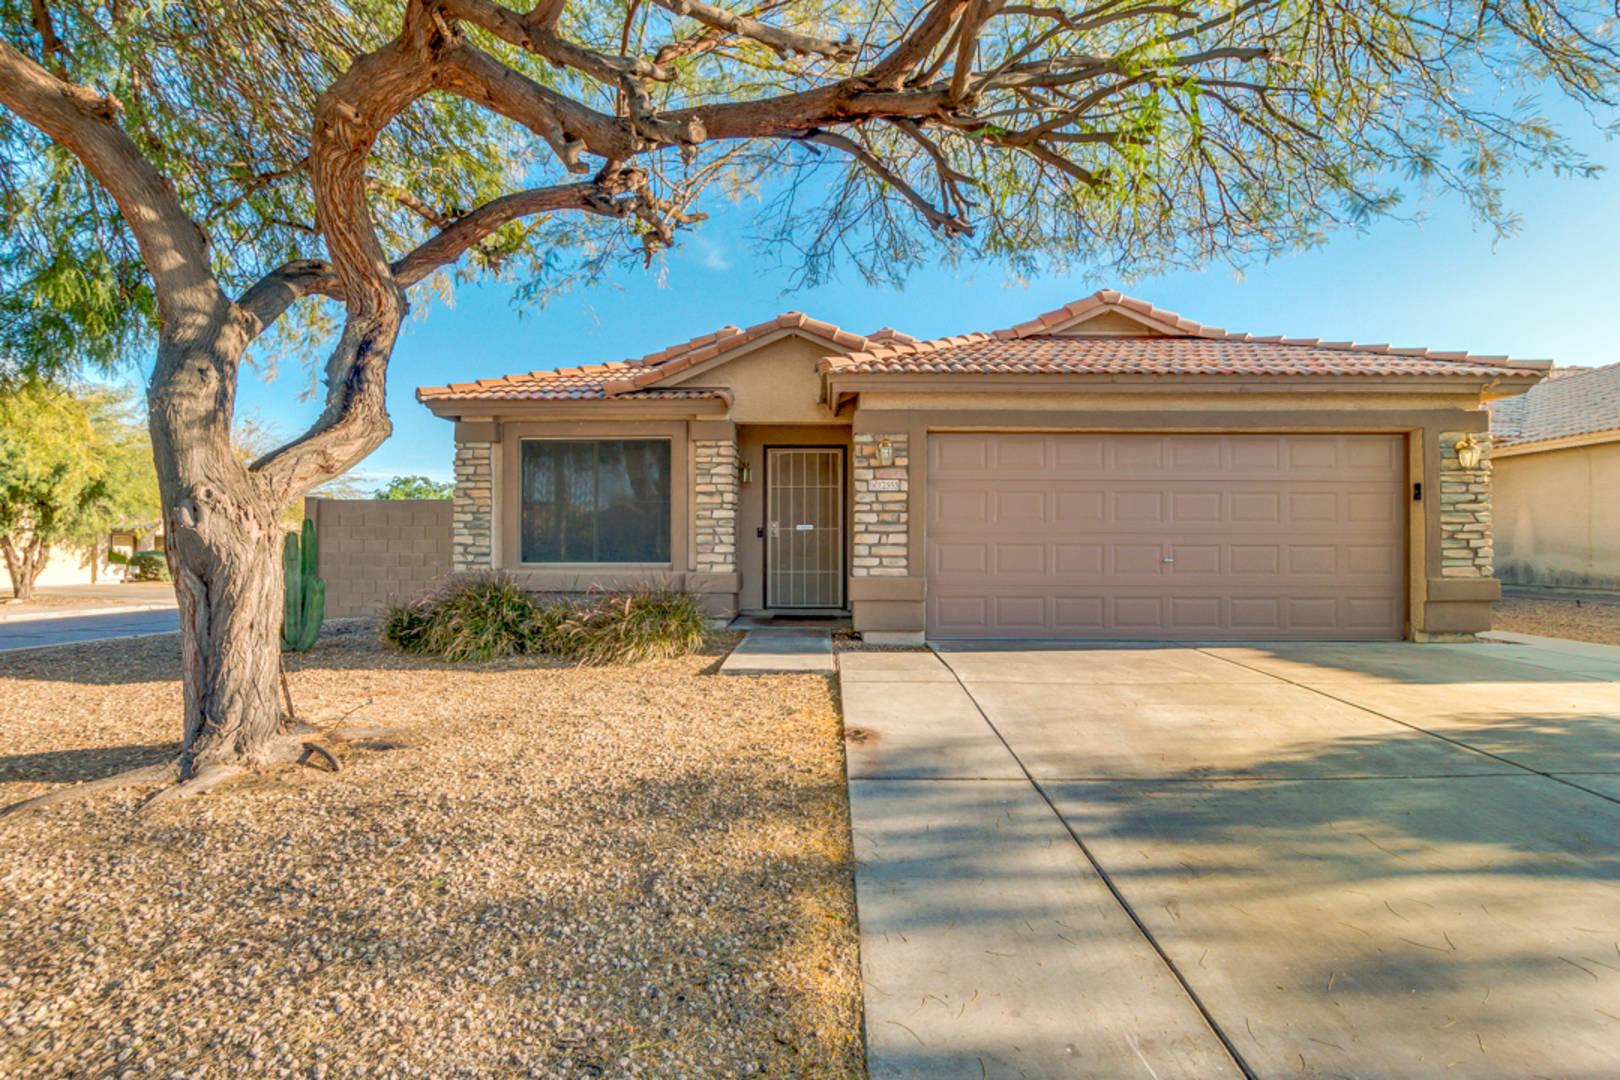 12555 W Fairmount Ave  Avondale, AZ 85392